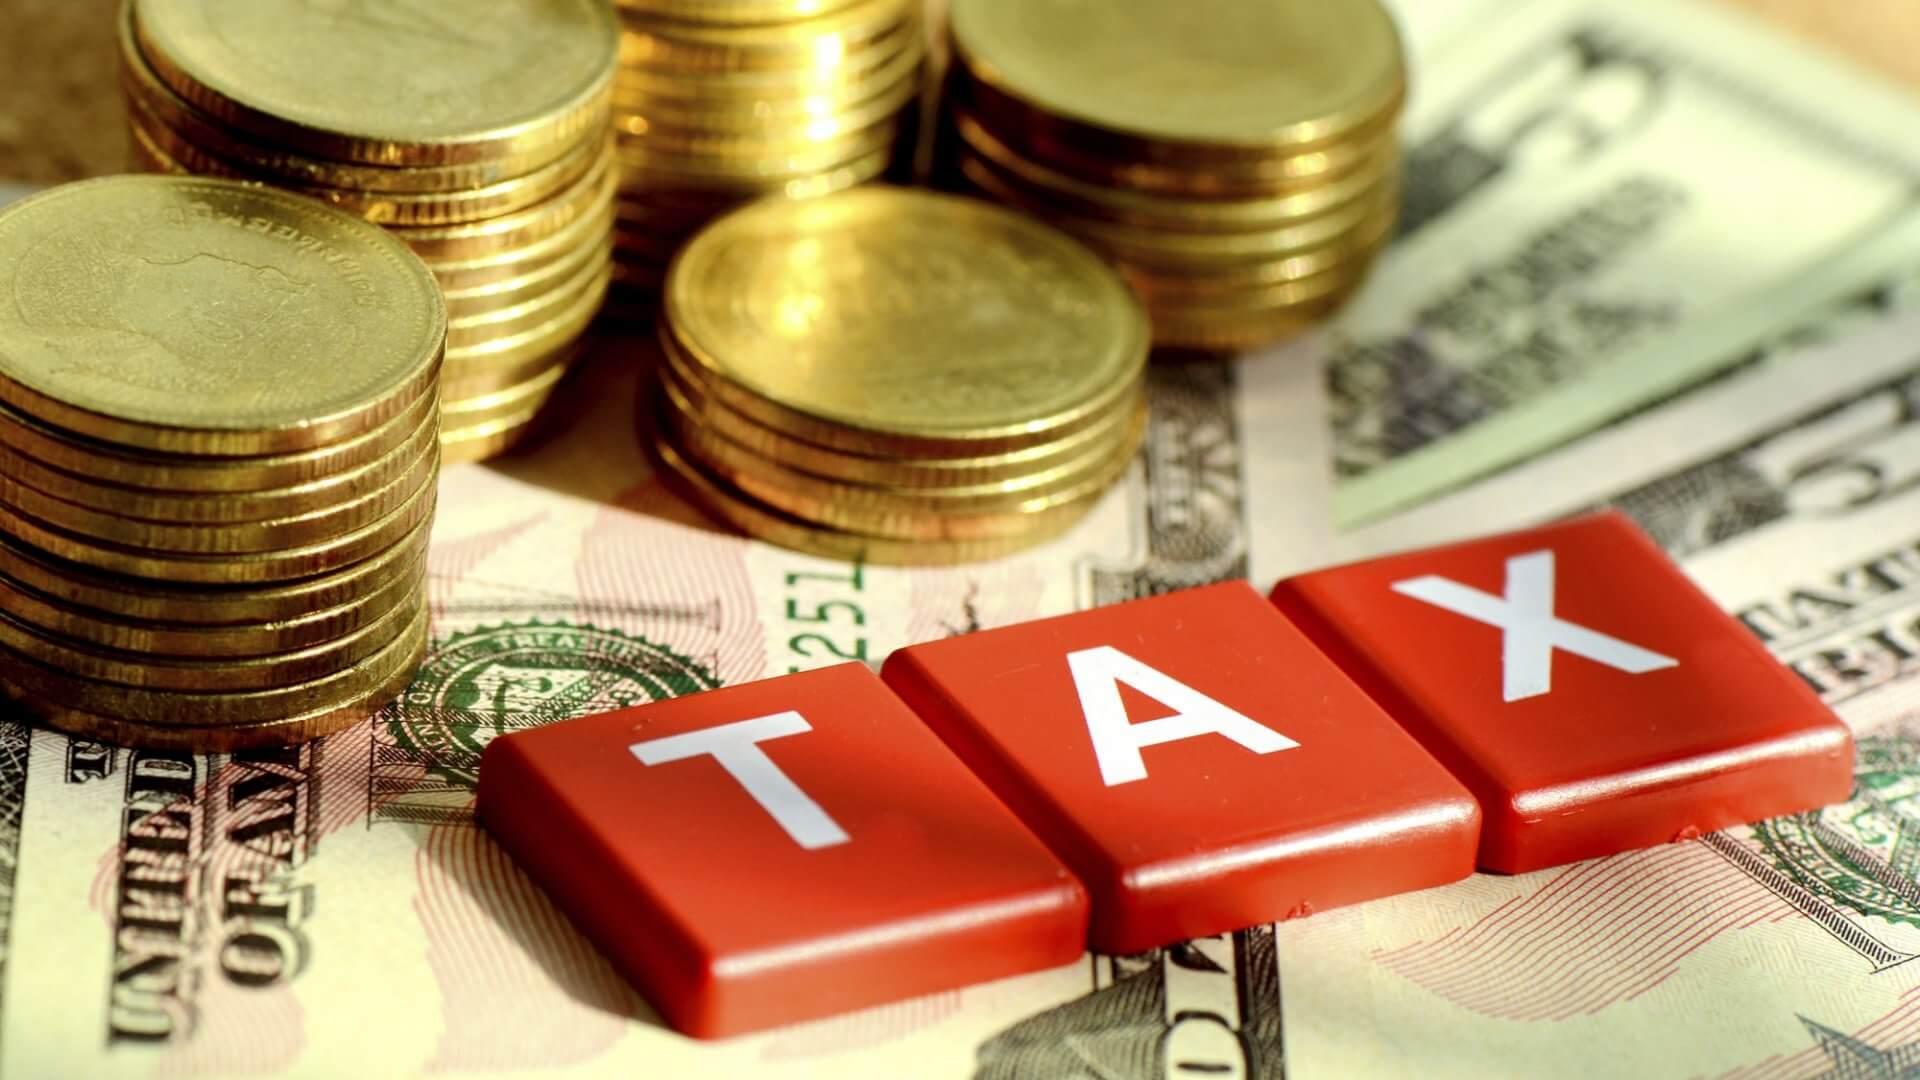 Hàng hóa nhập khẩu từ EU sẽ được hưởng nhiều ưu đãi thuế quan